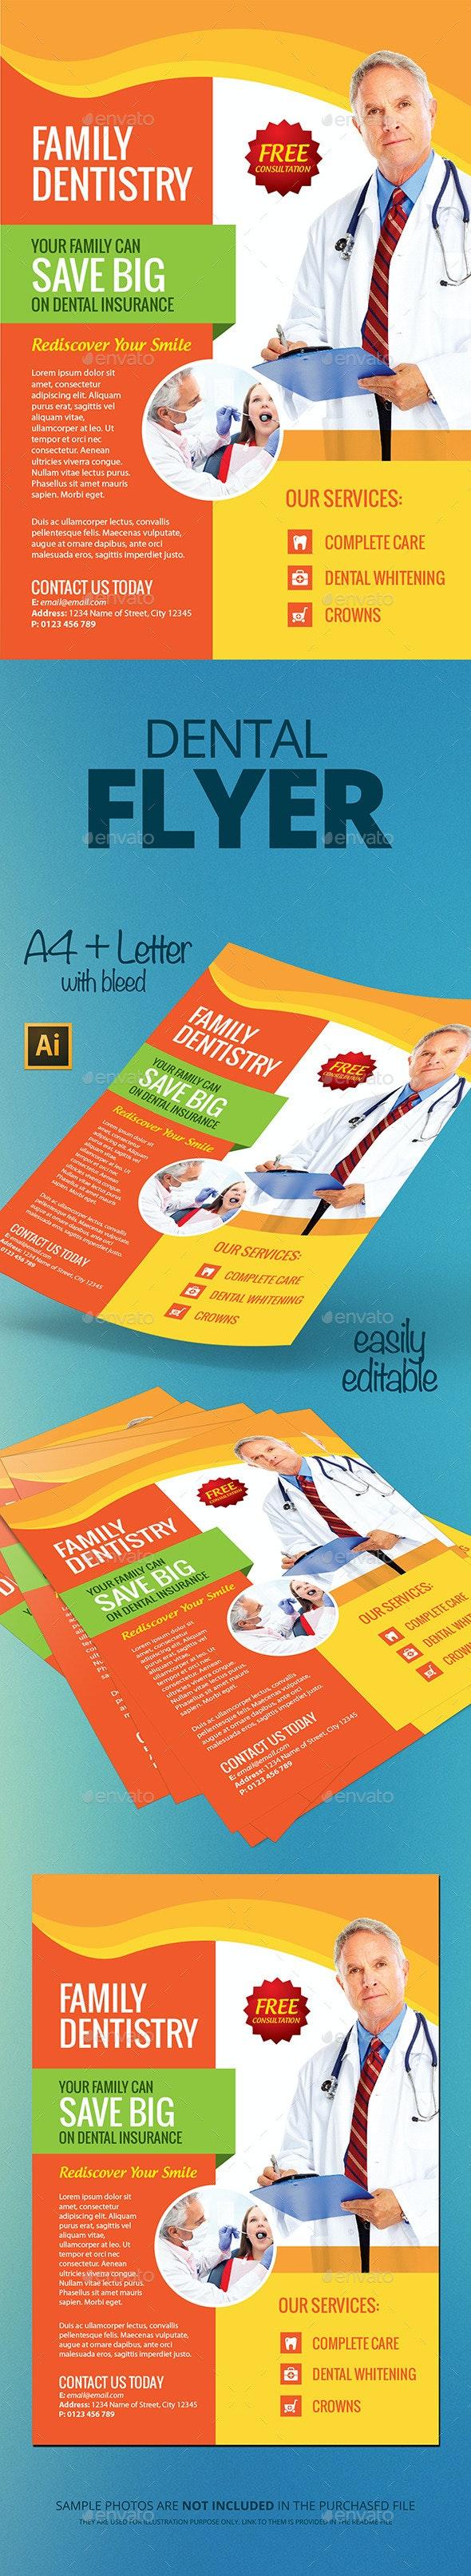 Dental Flyer - Flyers Print Templates